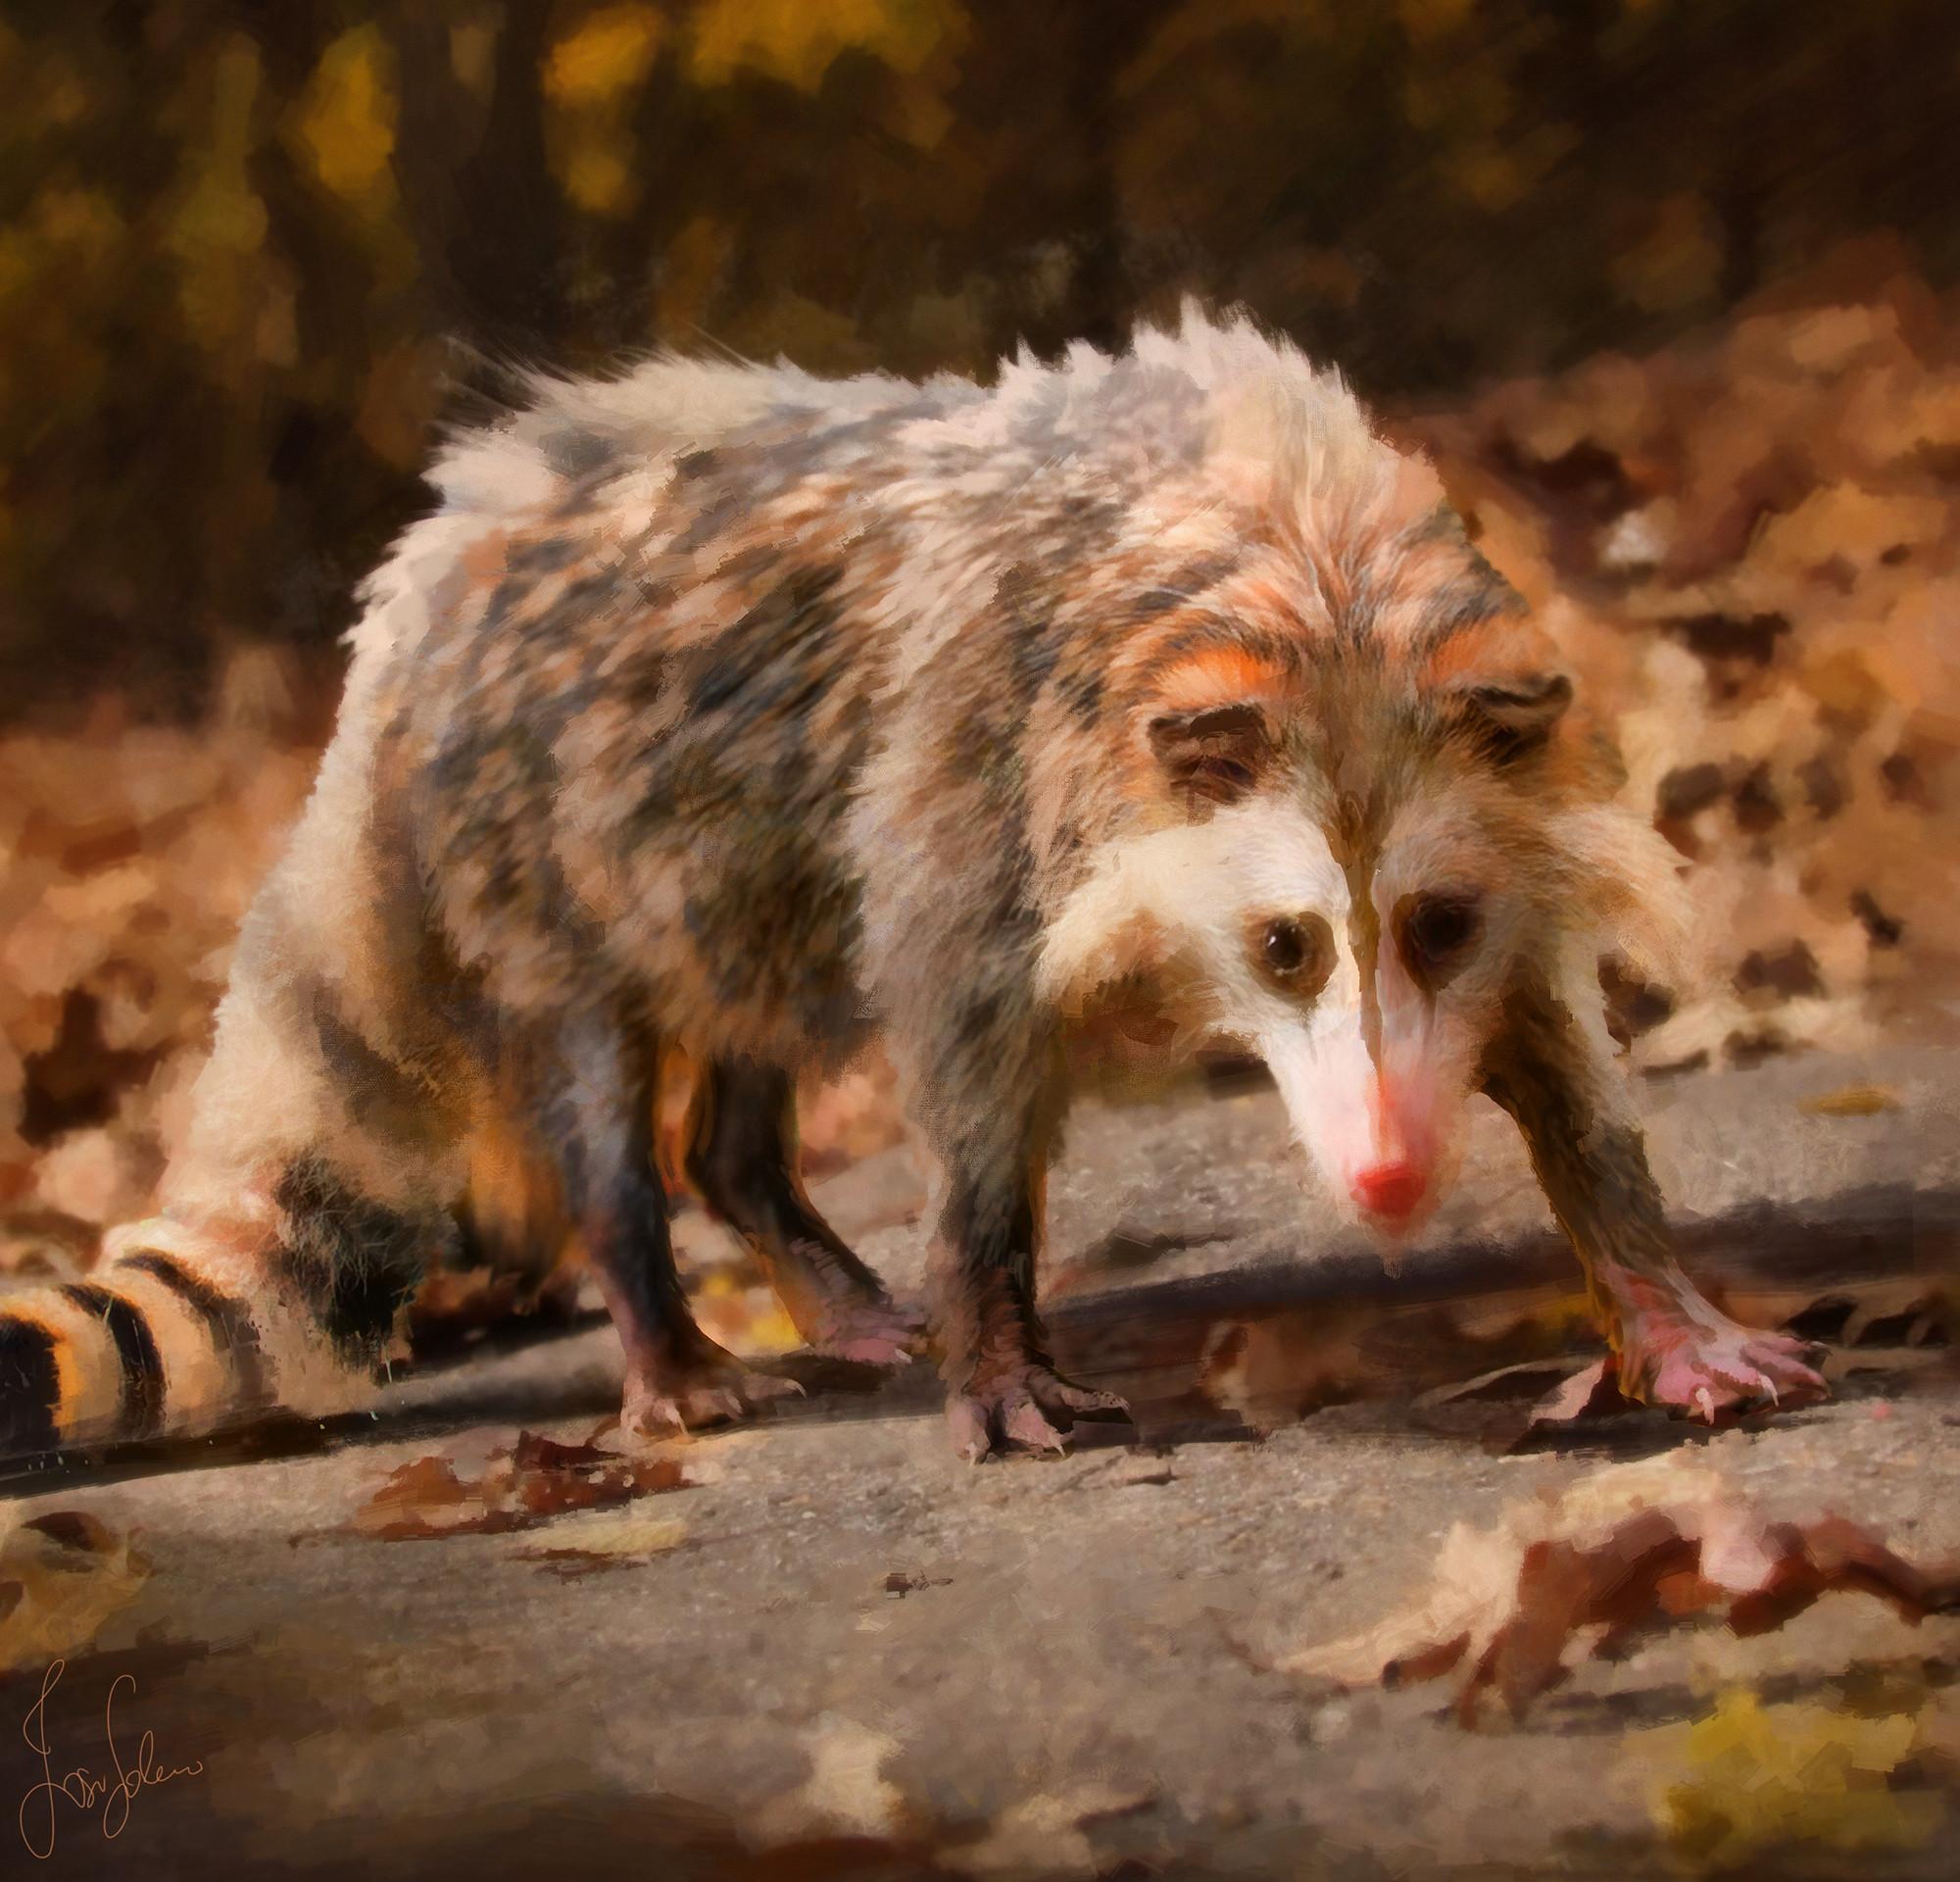 Racoossum